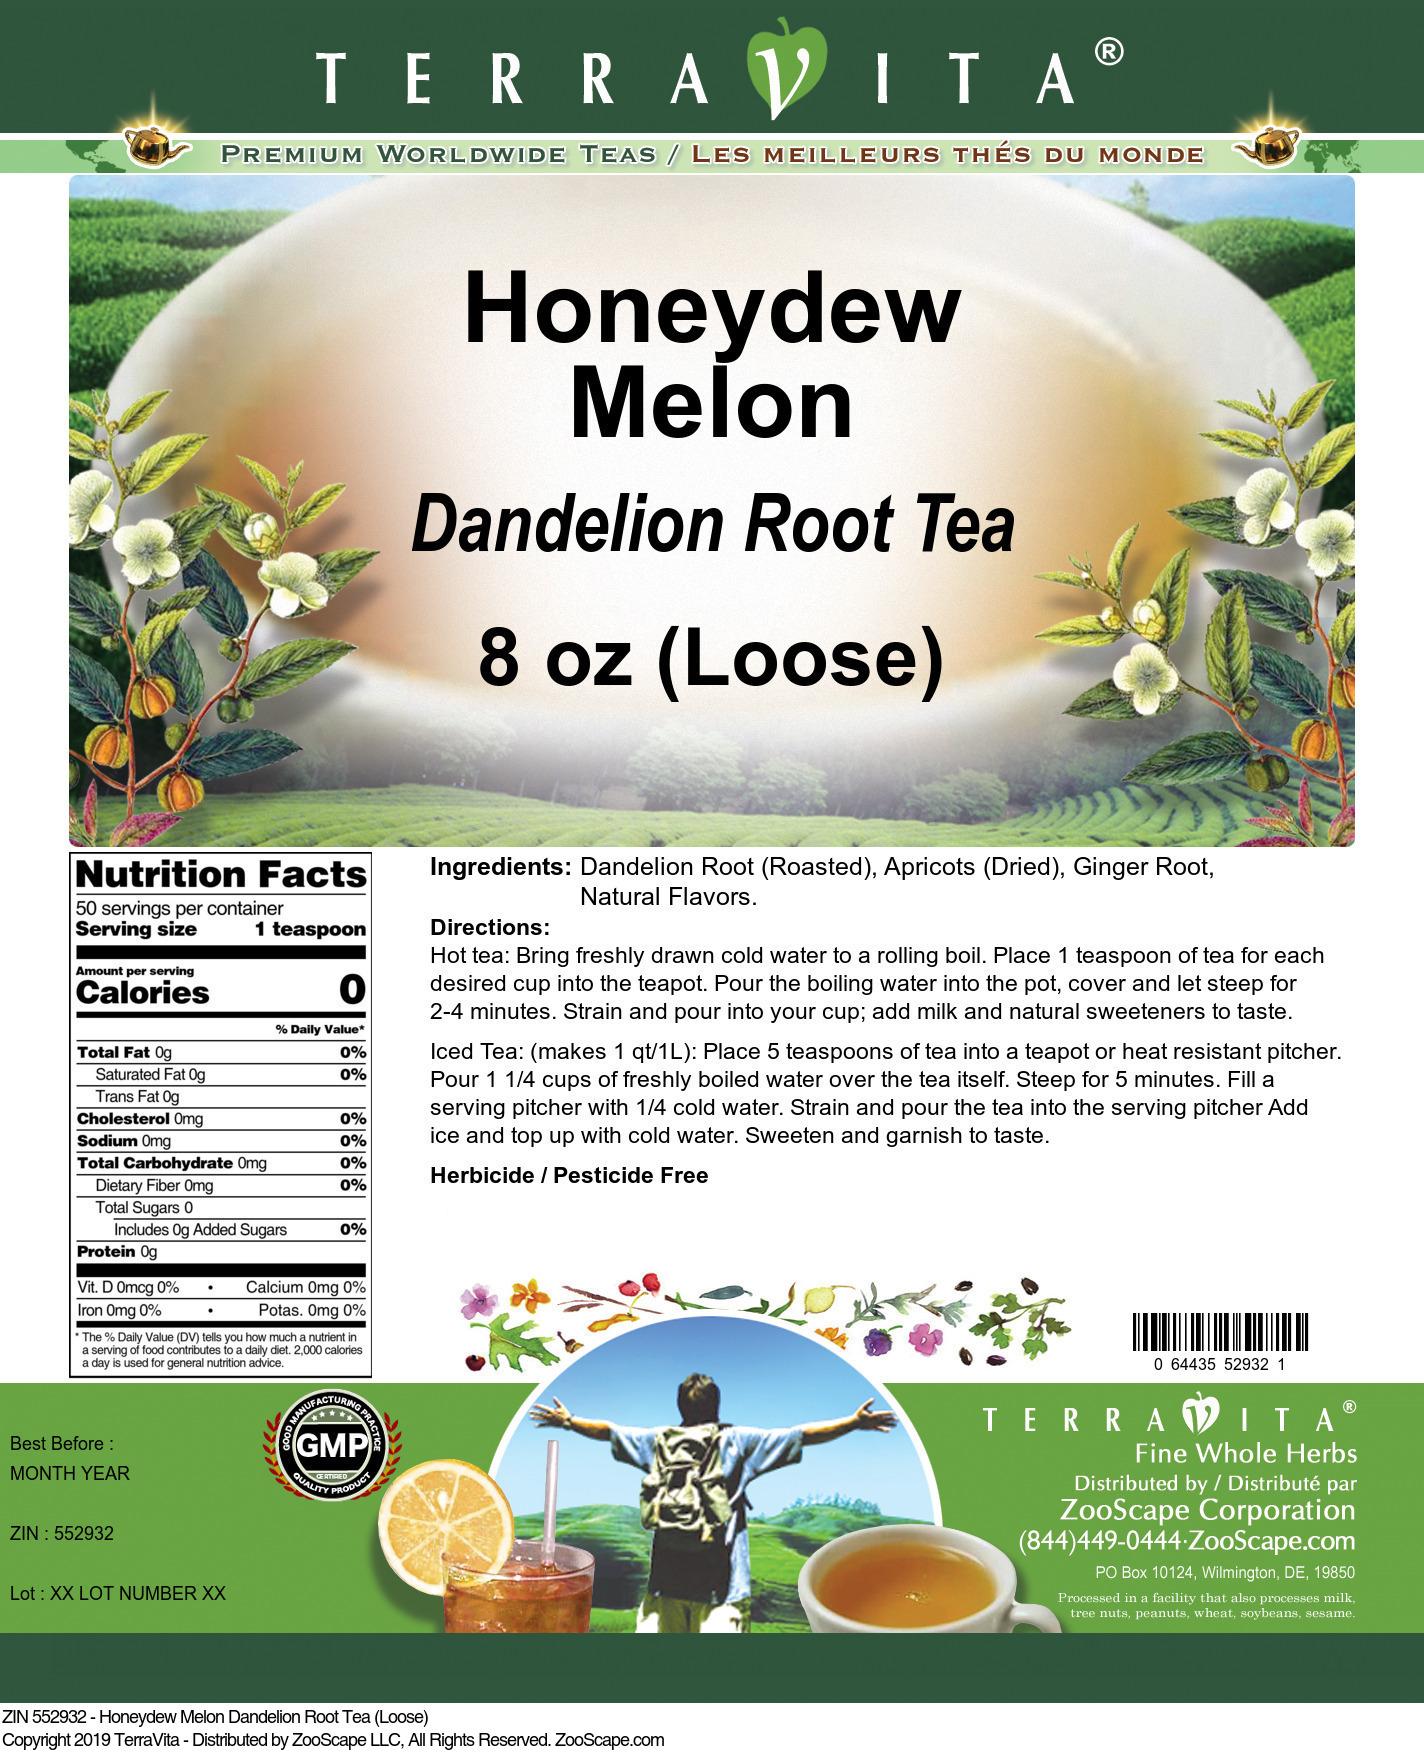 Honeydew Melon Dandelion Root